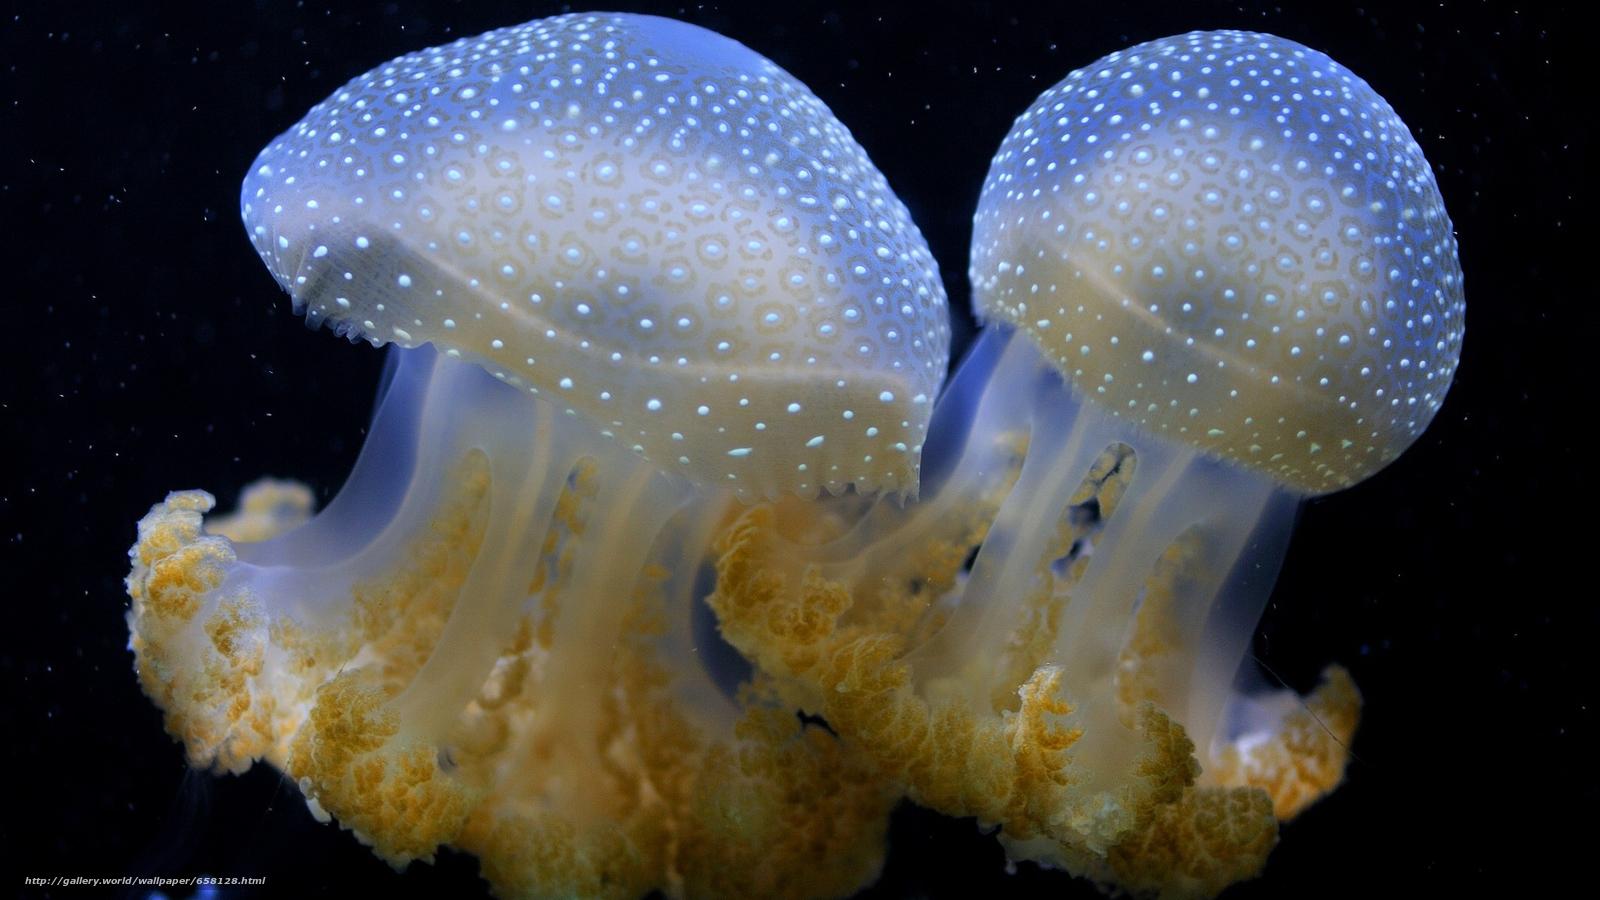 Скачать обои медуза,  медузы,  подводный мир,  вода бесплатно для рабочего стола в разрешении 2048x1152 — картинка №658128